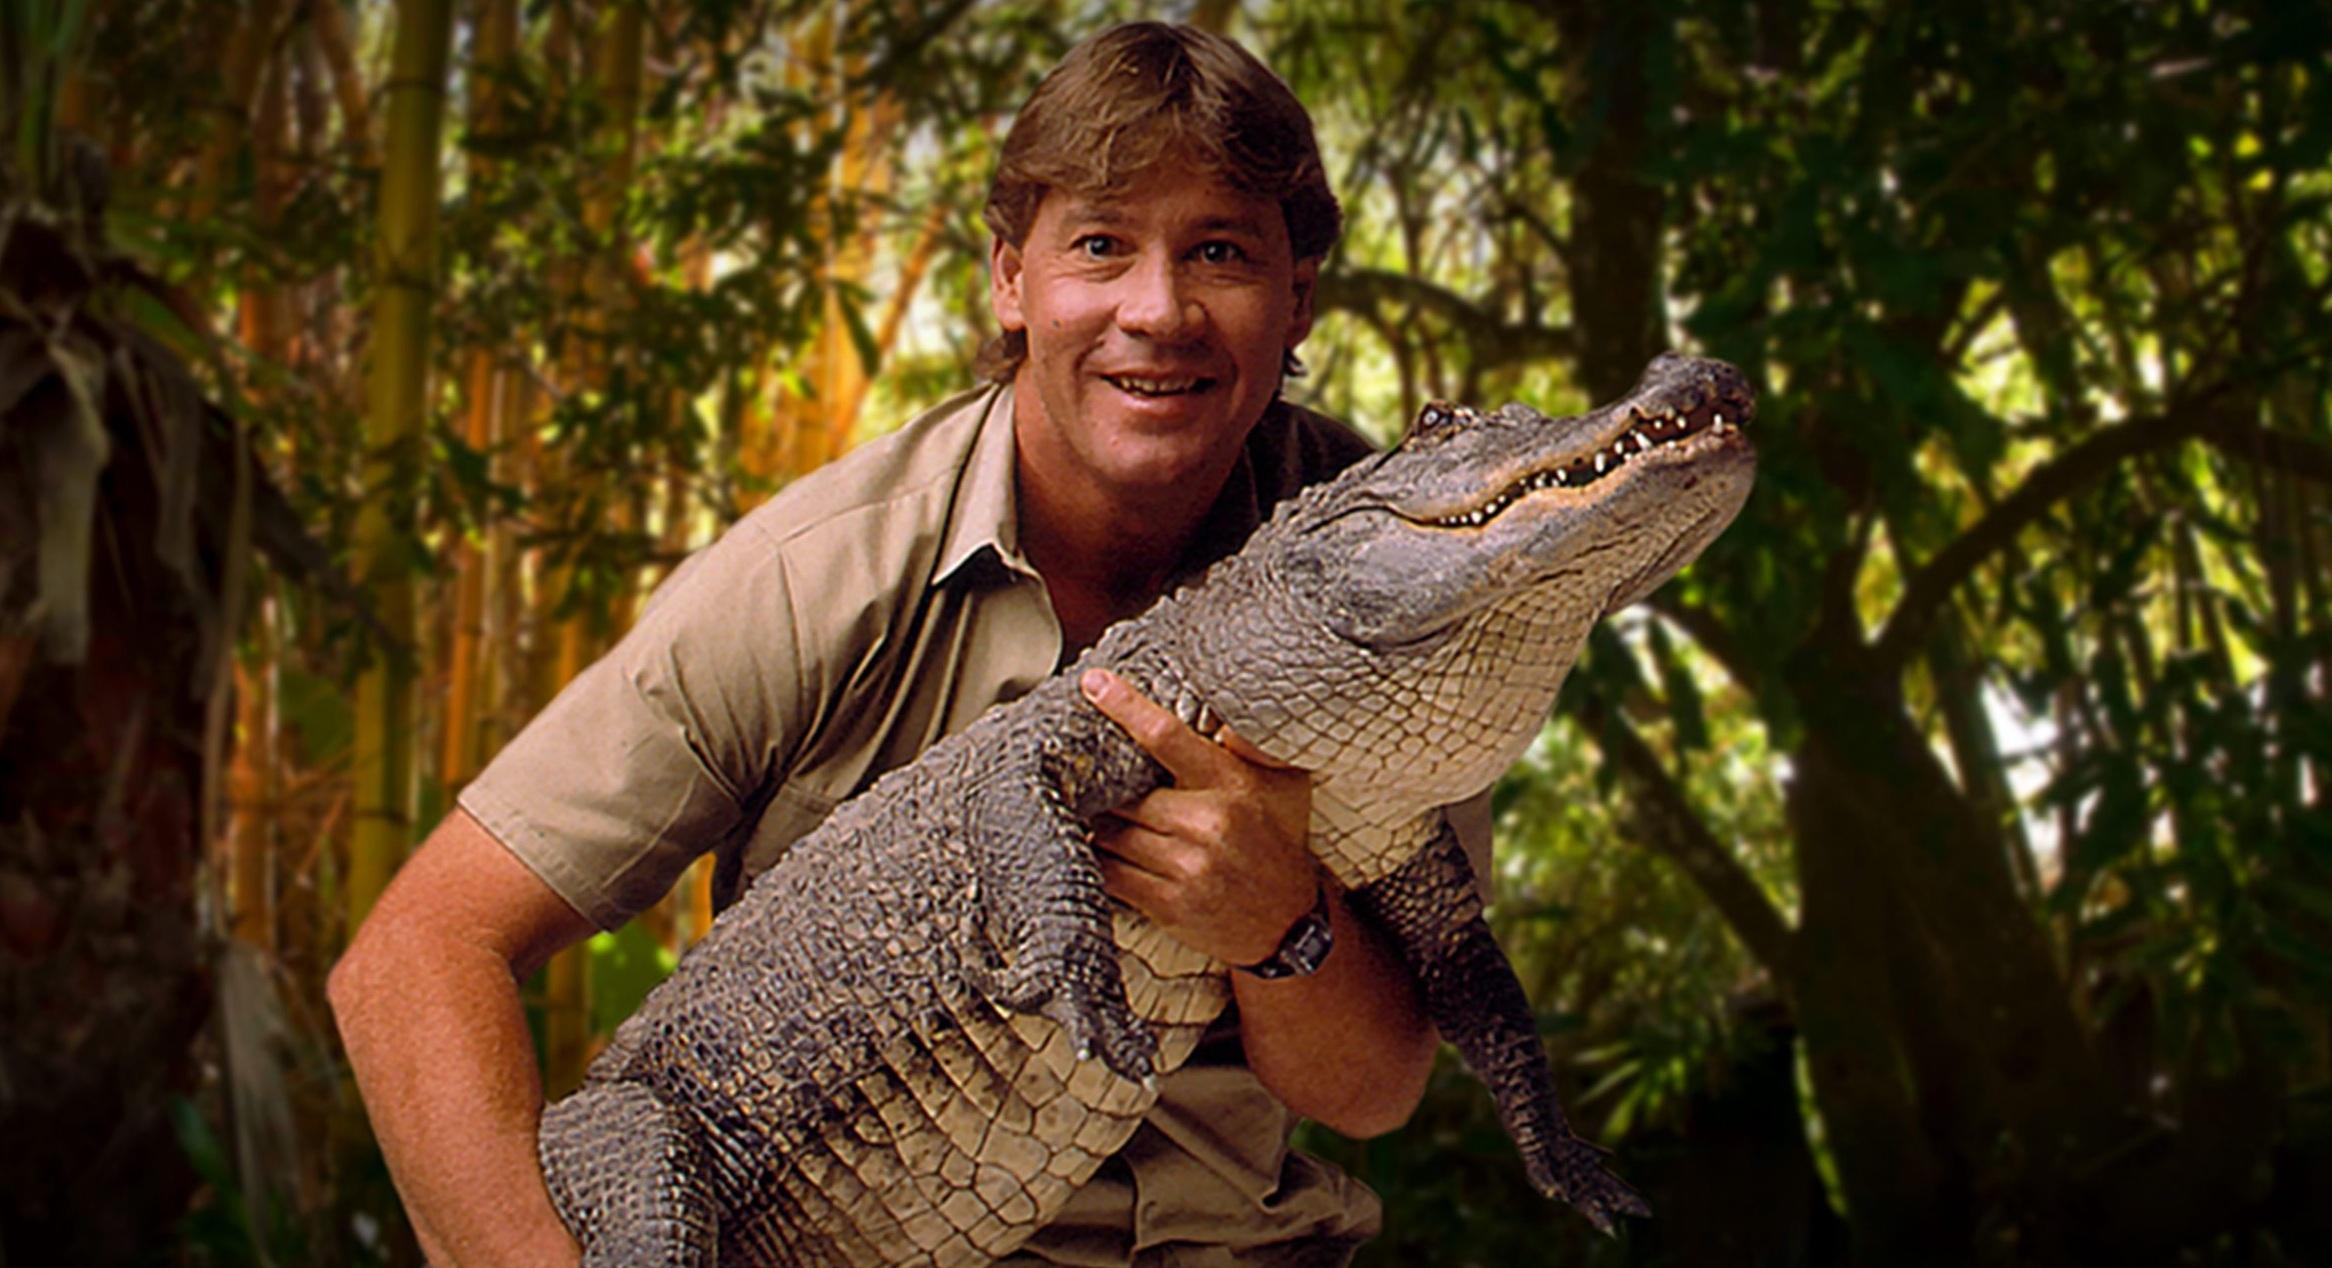 Steve Irwin Career